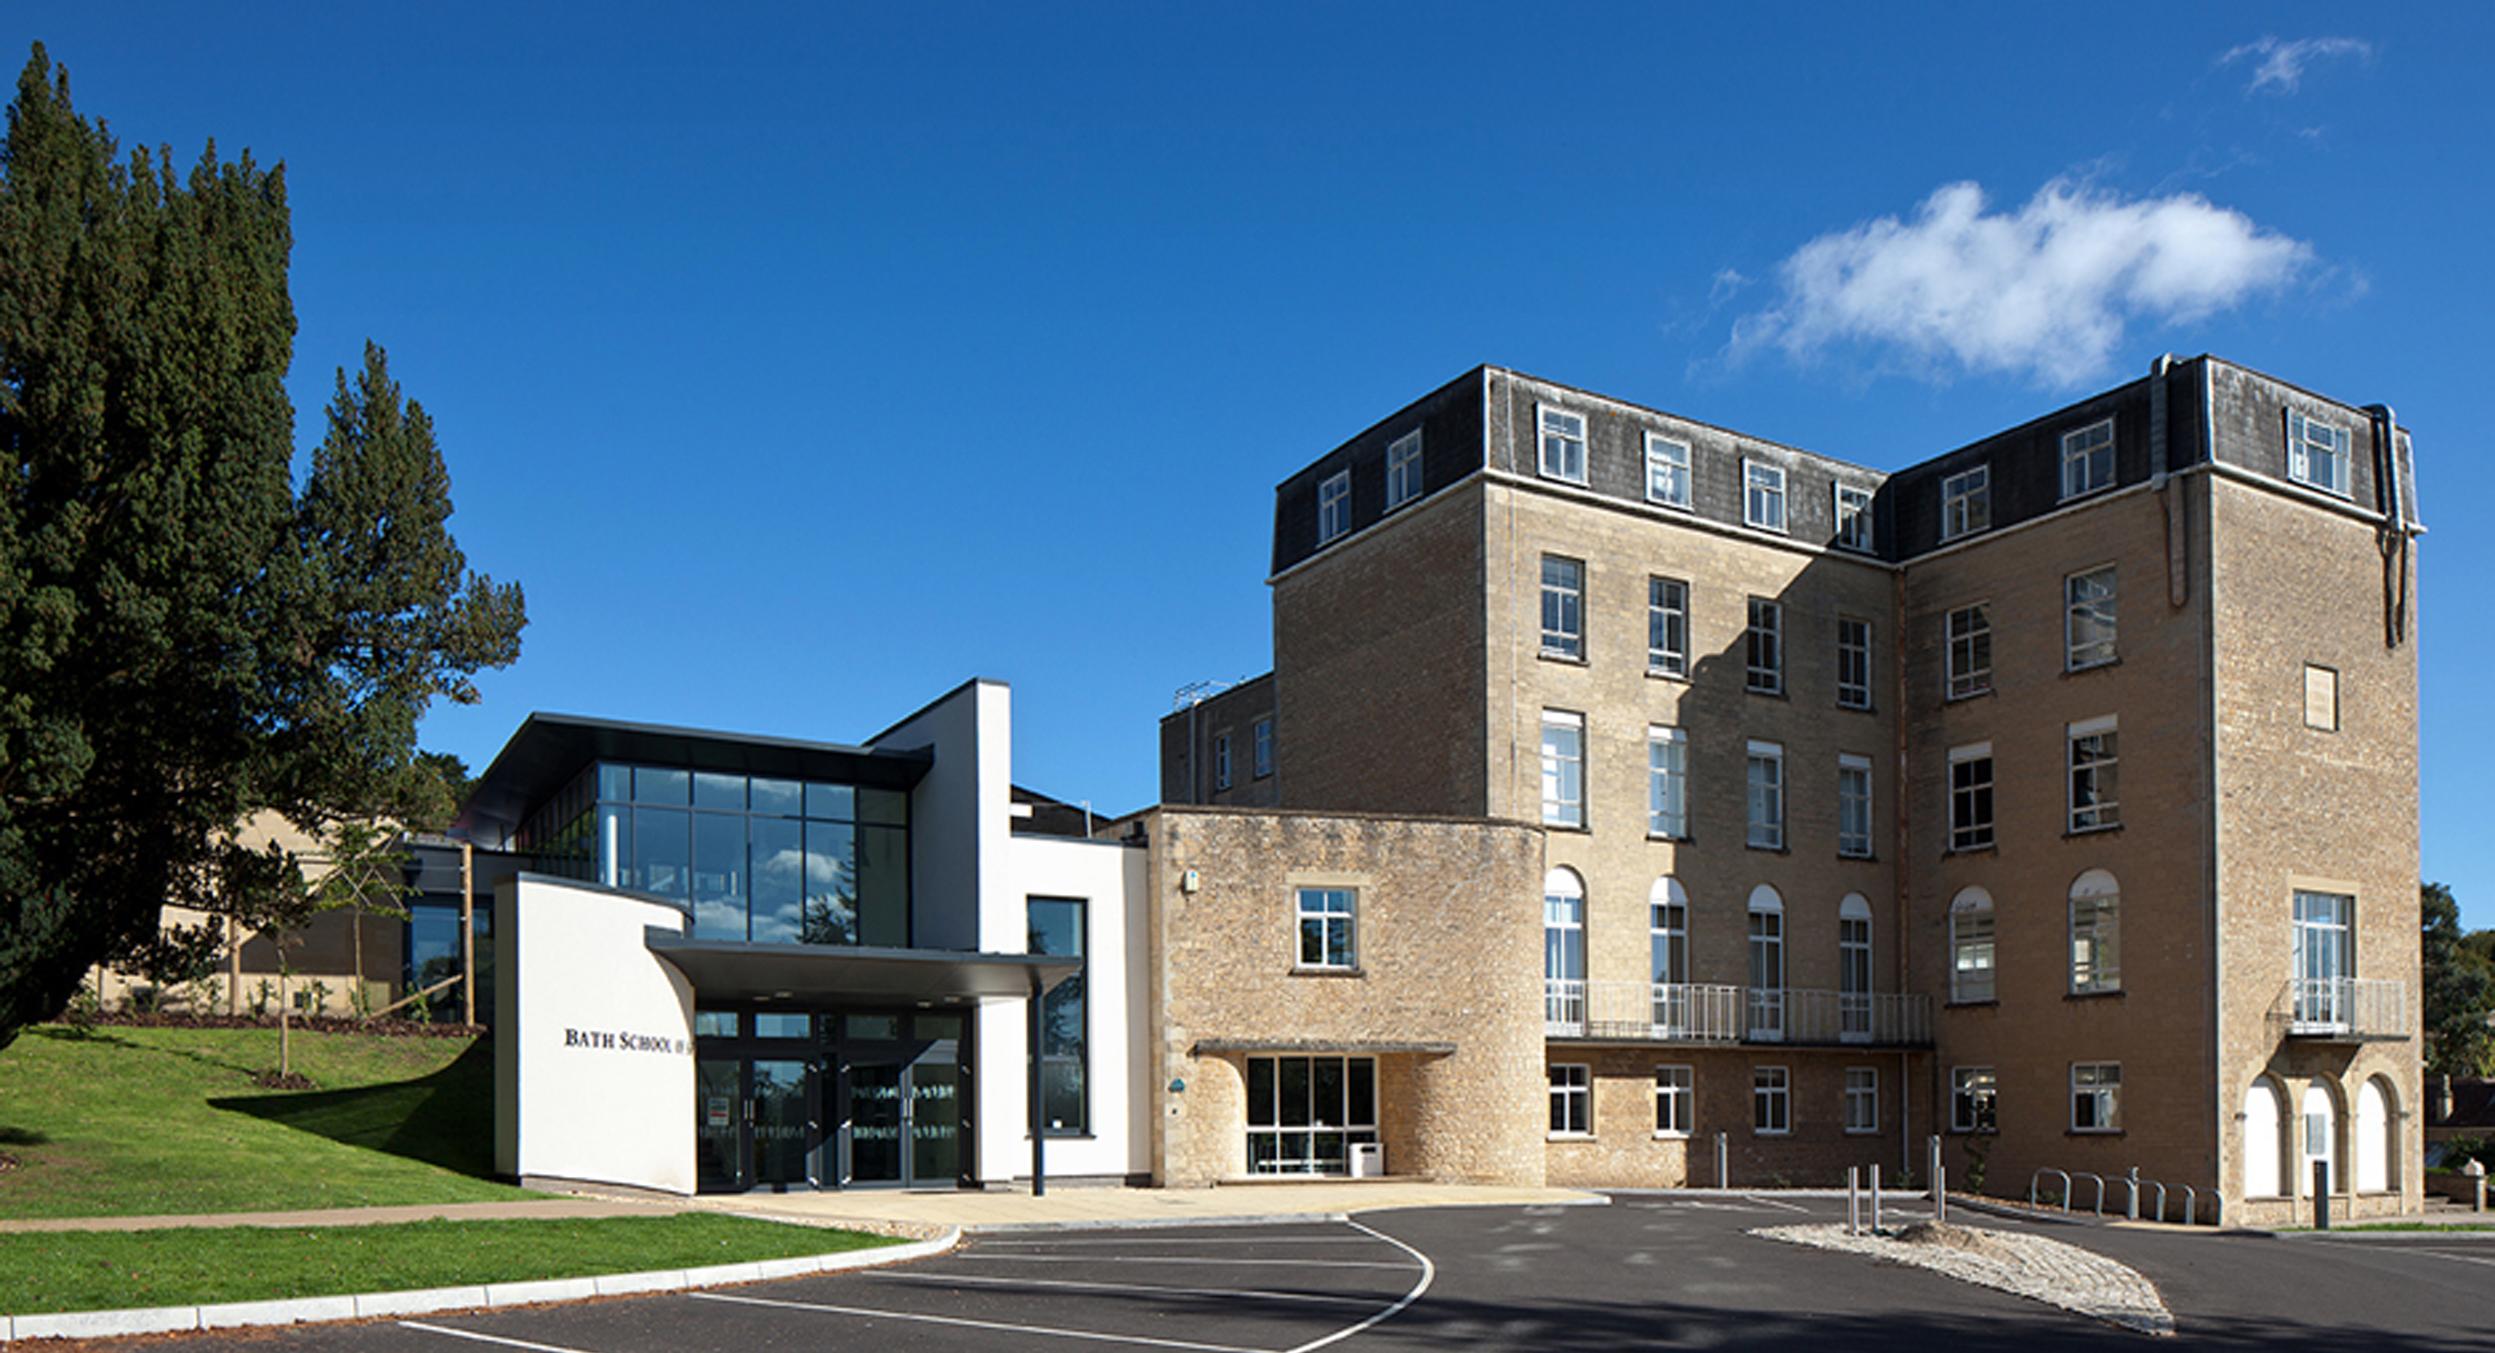 Bath Spa University - Wikiwand